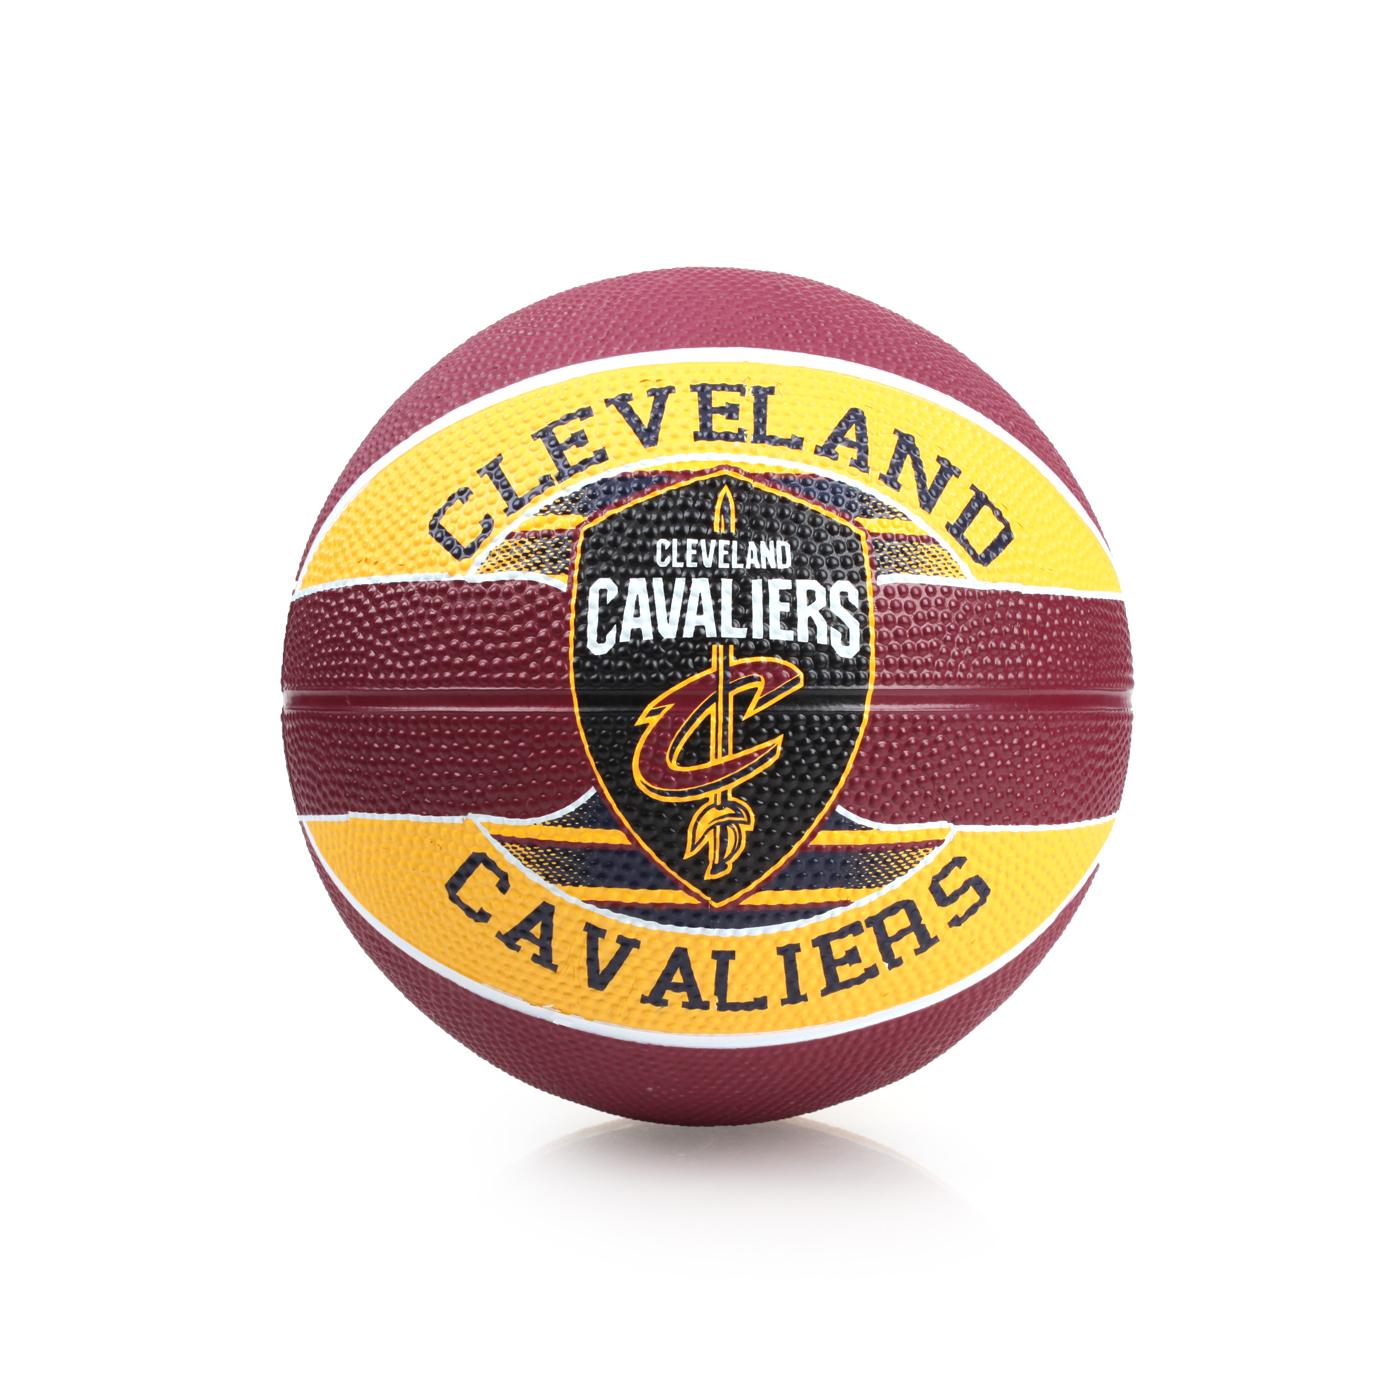 SPALDING 兒童-騎士 Cavaliers SZ3 籃球 SPA83603 - 咖啡黃